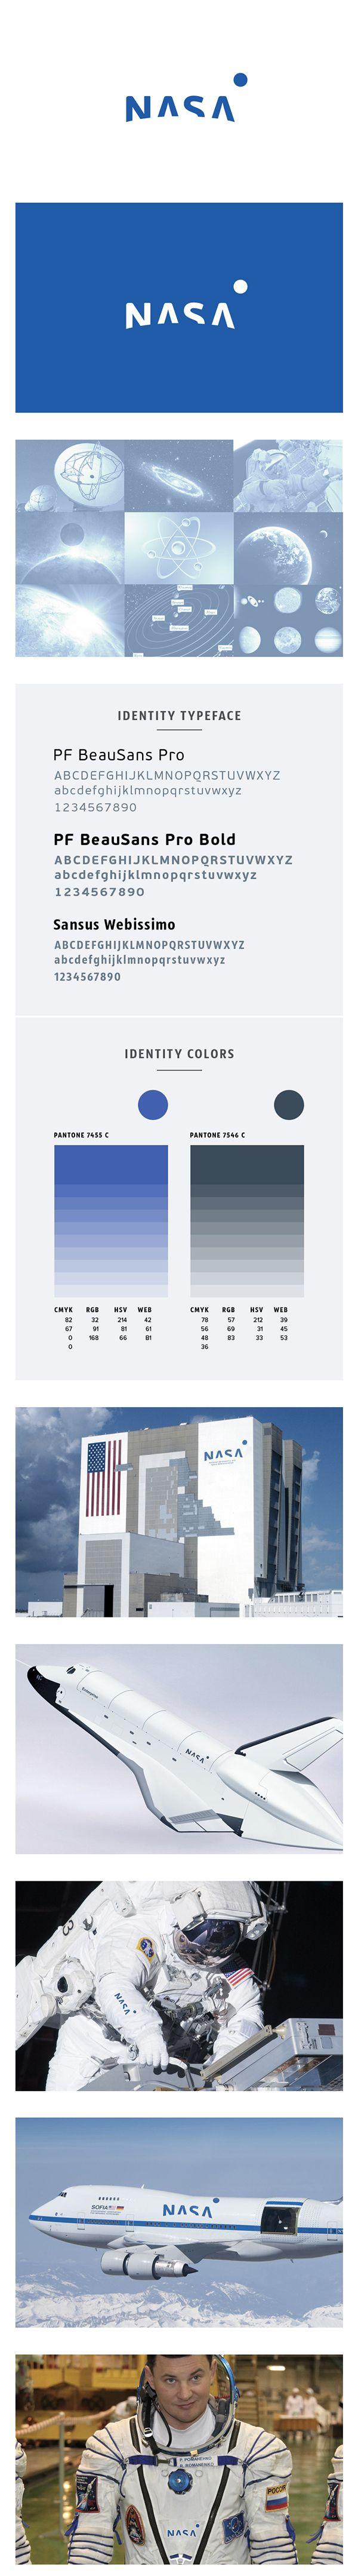 #NASA #identity #branding